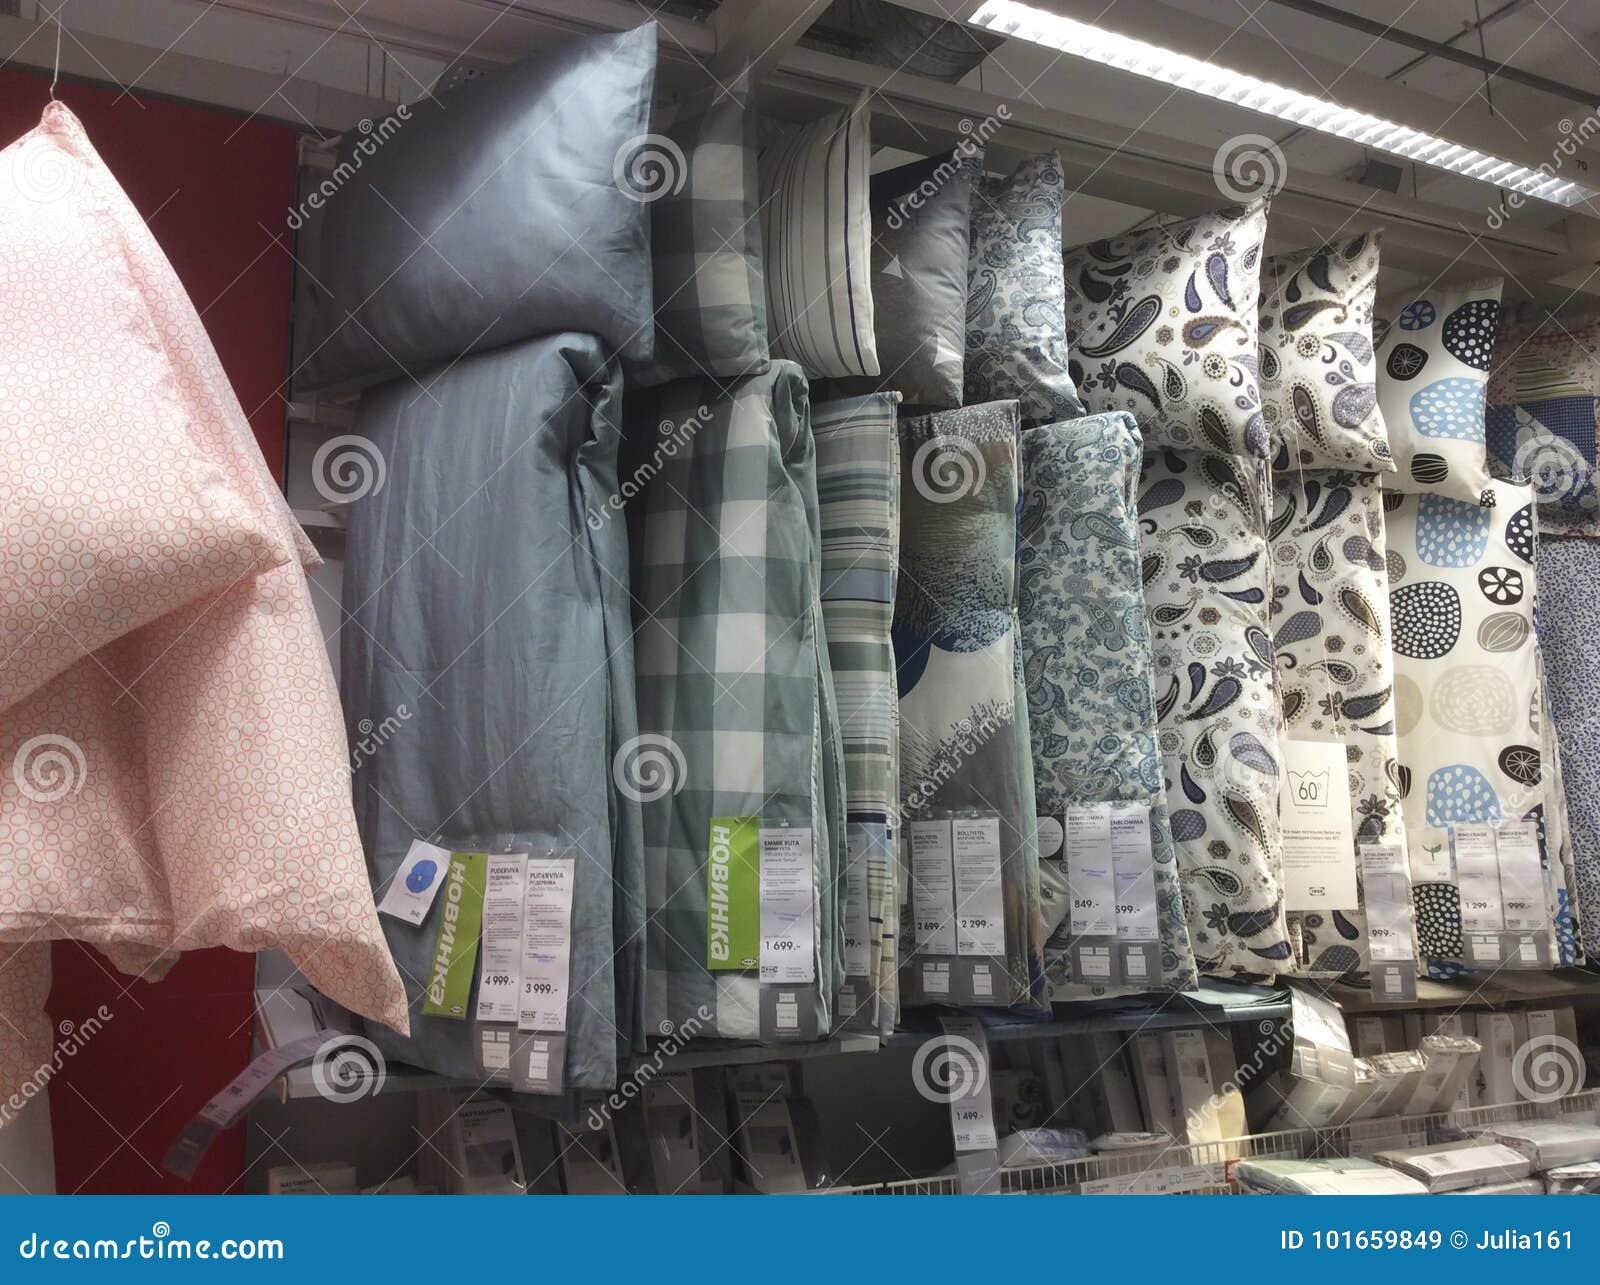 Negozio Di Cuscini.Cuscini Nel Negozio Di Ikea Mosca Immagine Stock Editoriale